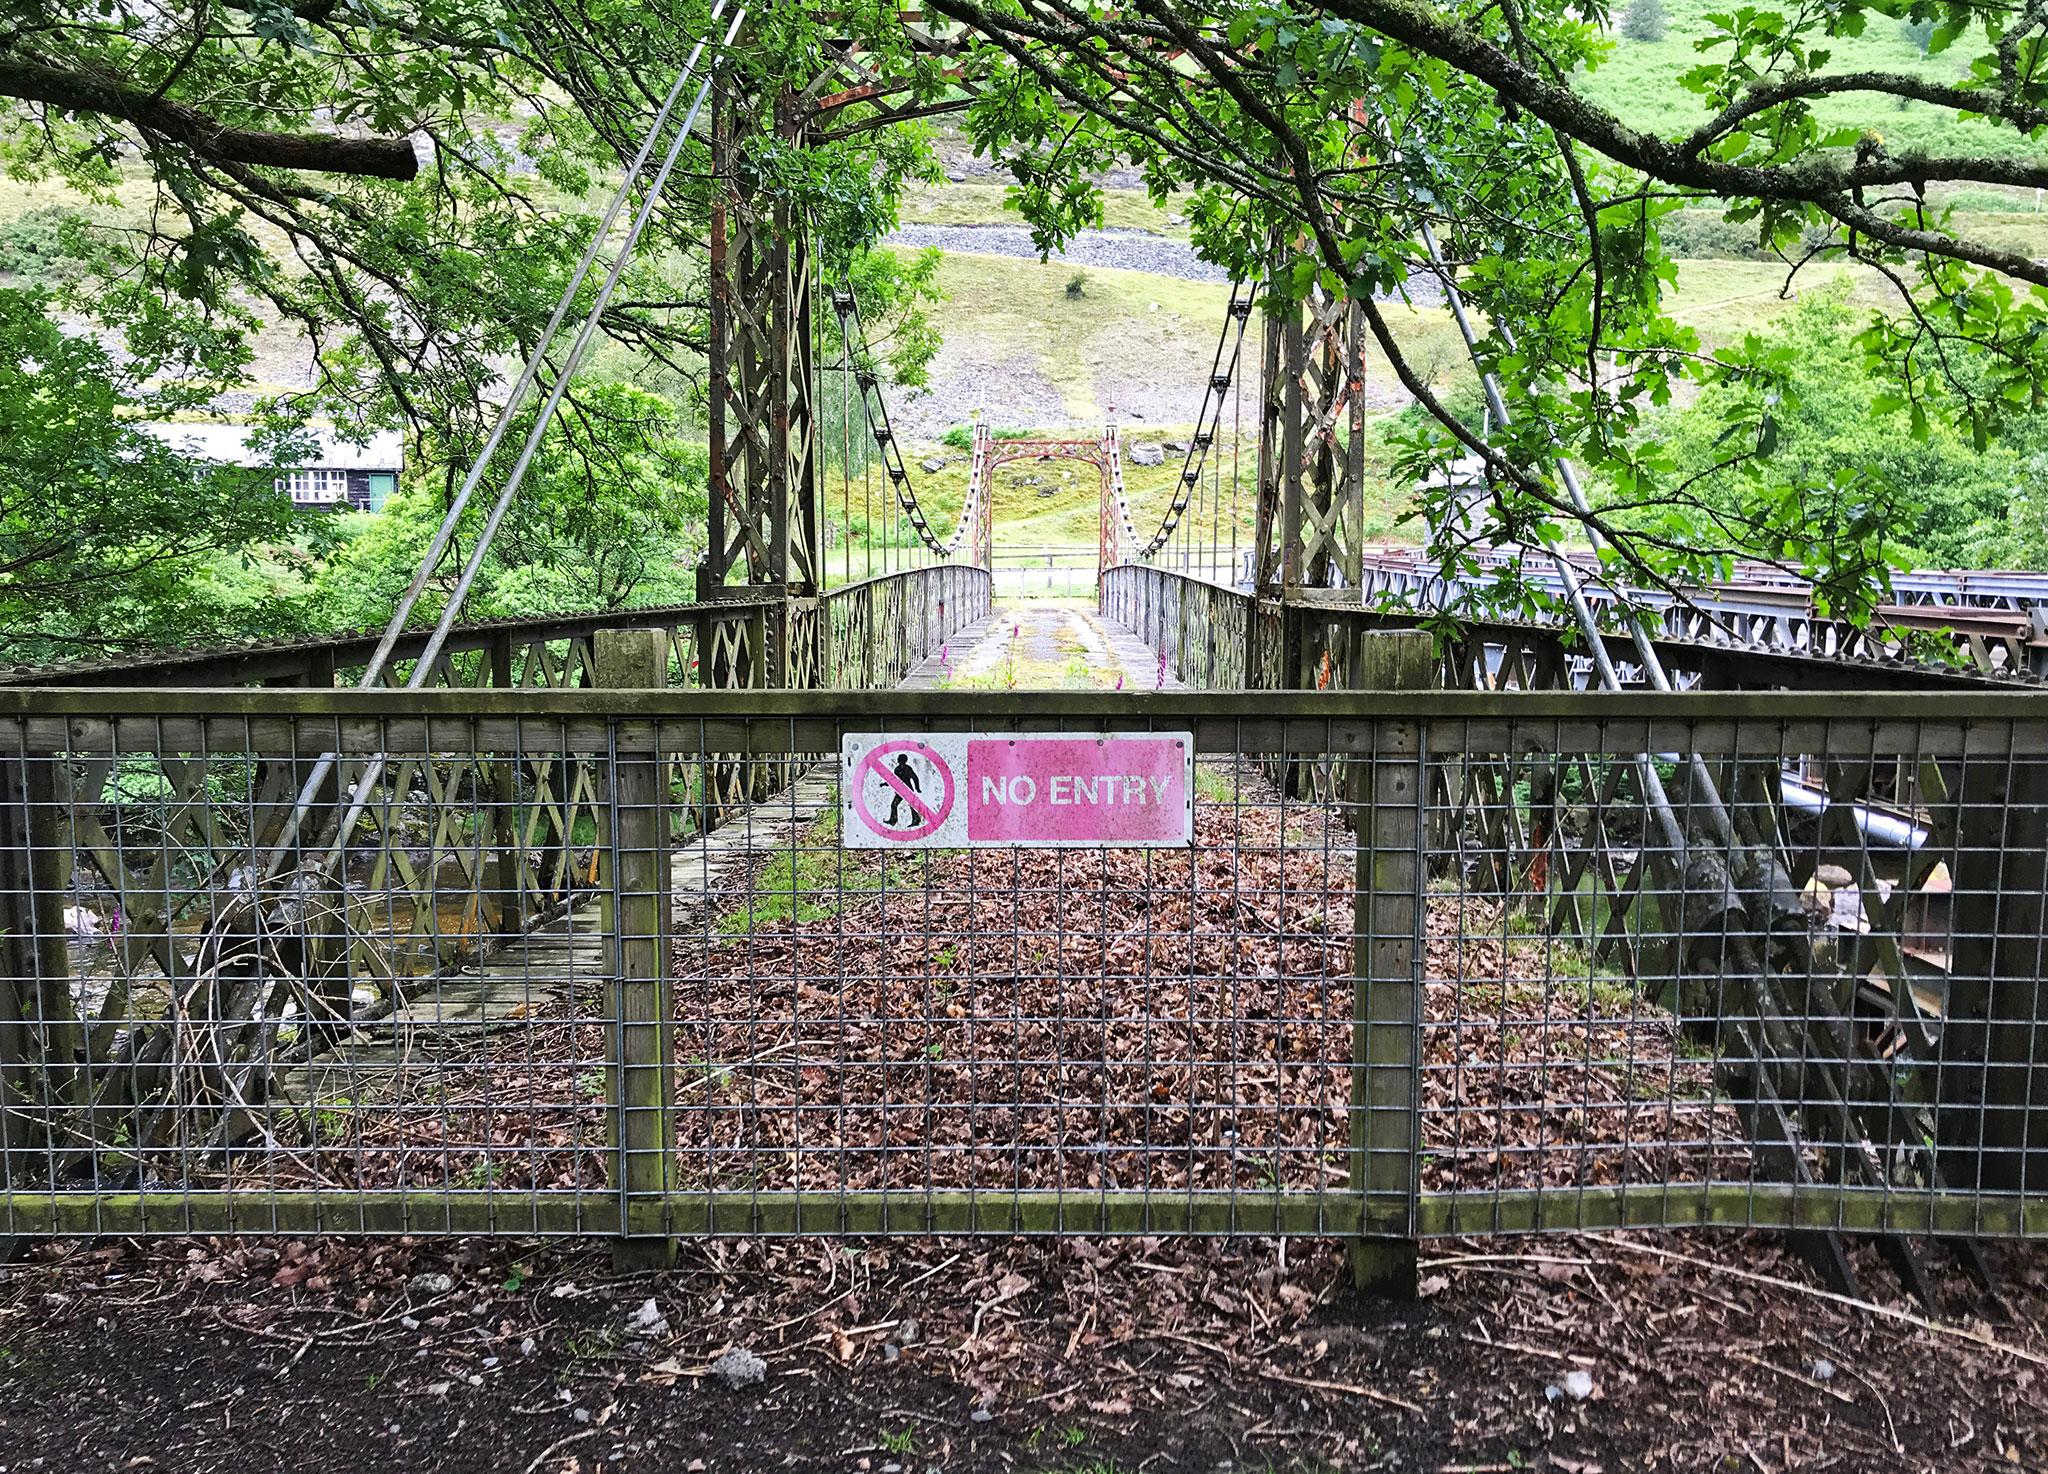 Old suspension bridge